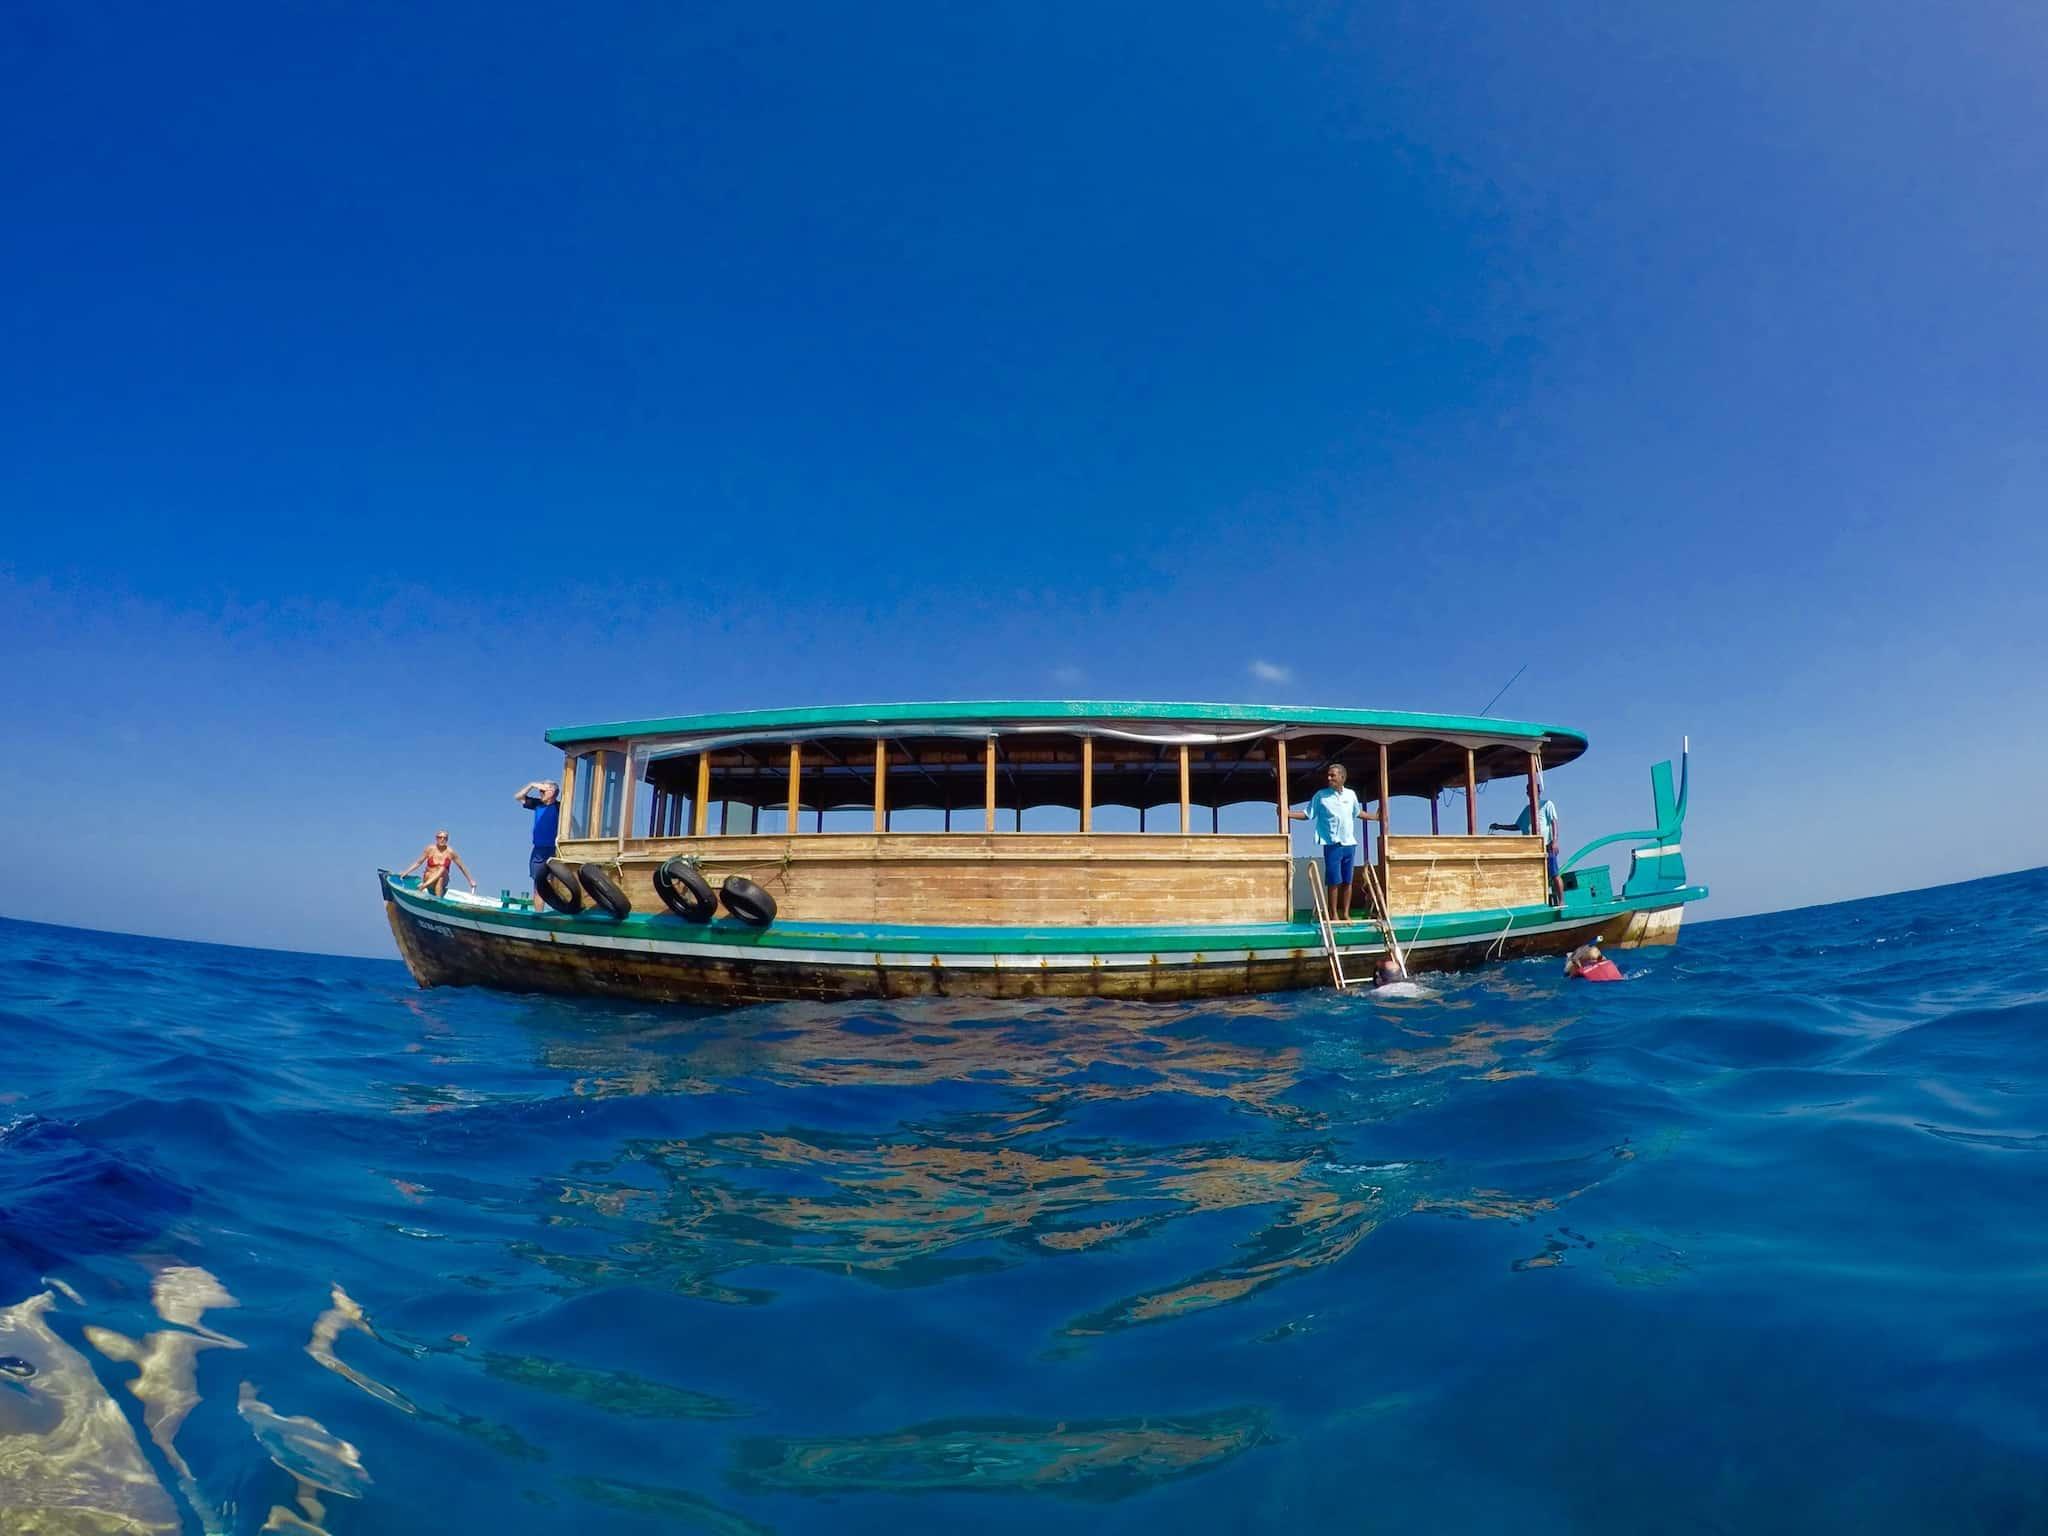 Tauchboot: Mit dem traditionellen Dhoni geht es zum Tauchplatz. Foto: Sascha Tegtmeyer Reisebericht Malediven Tipps